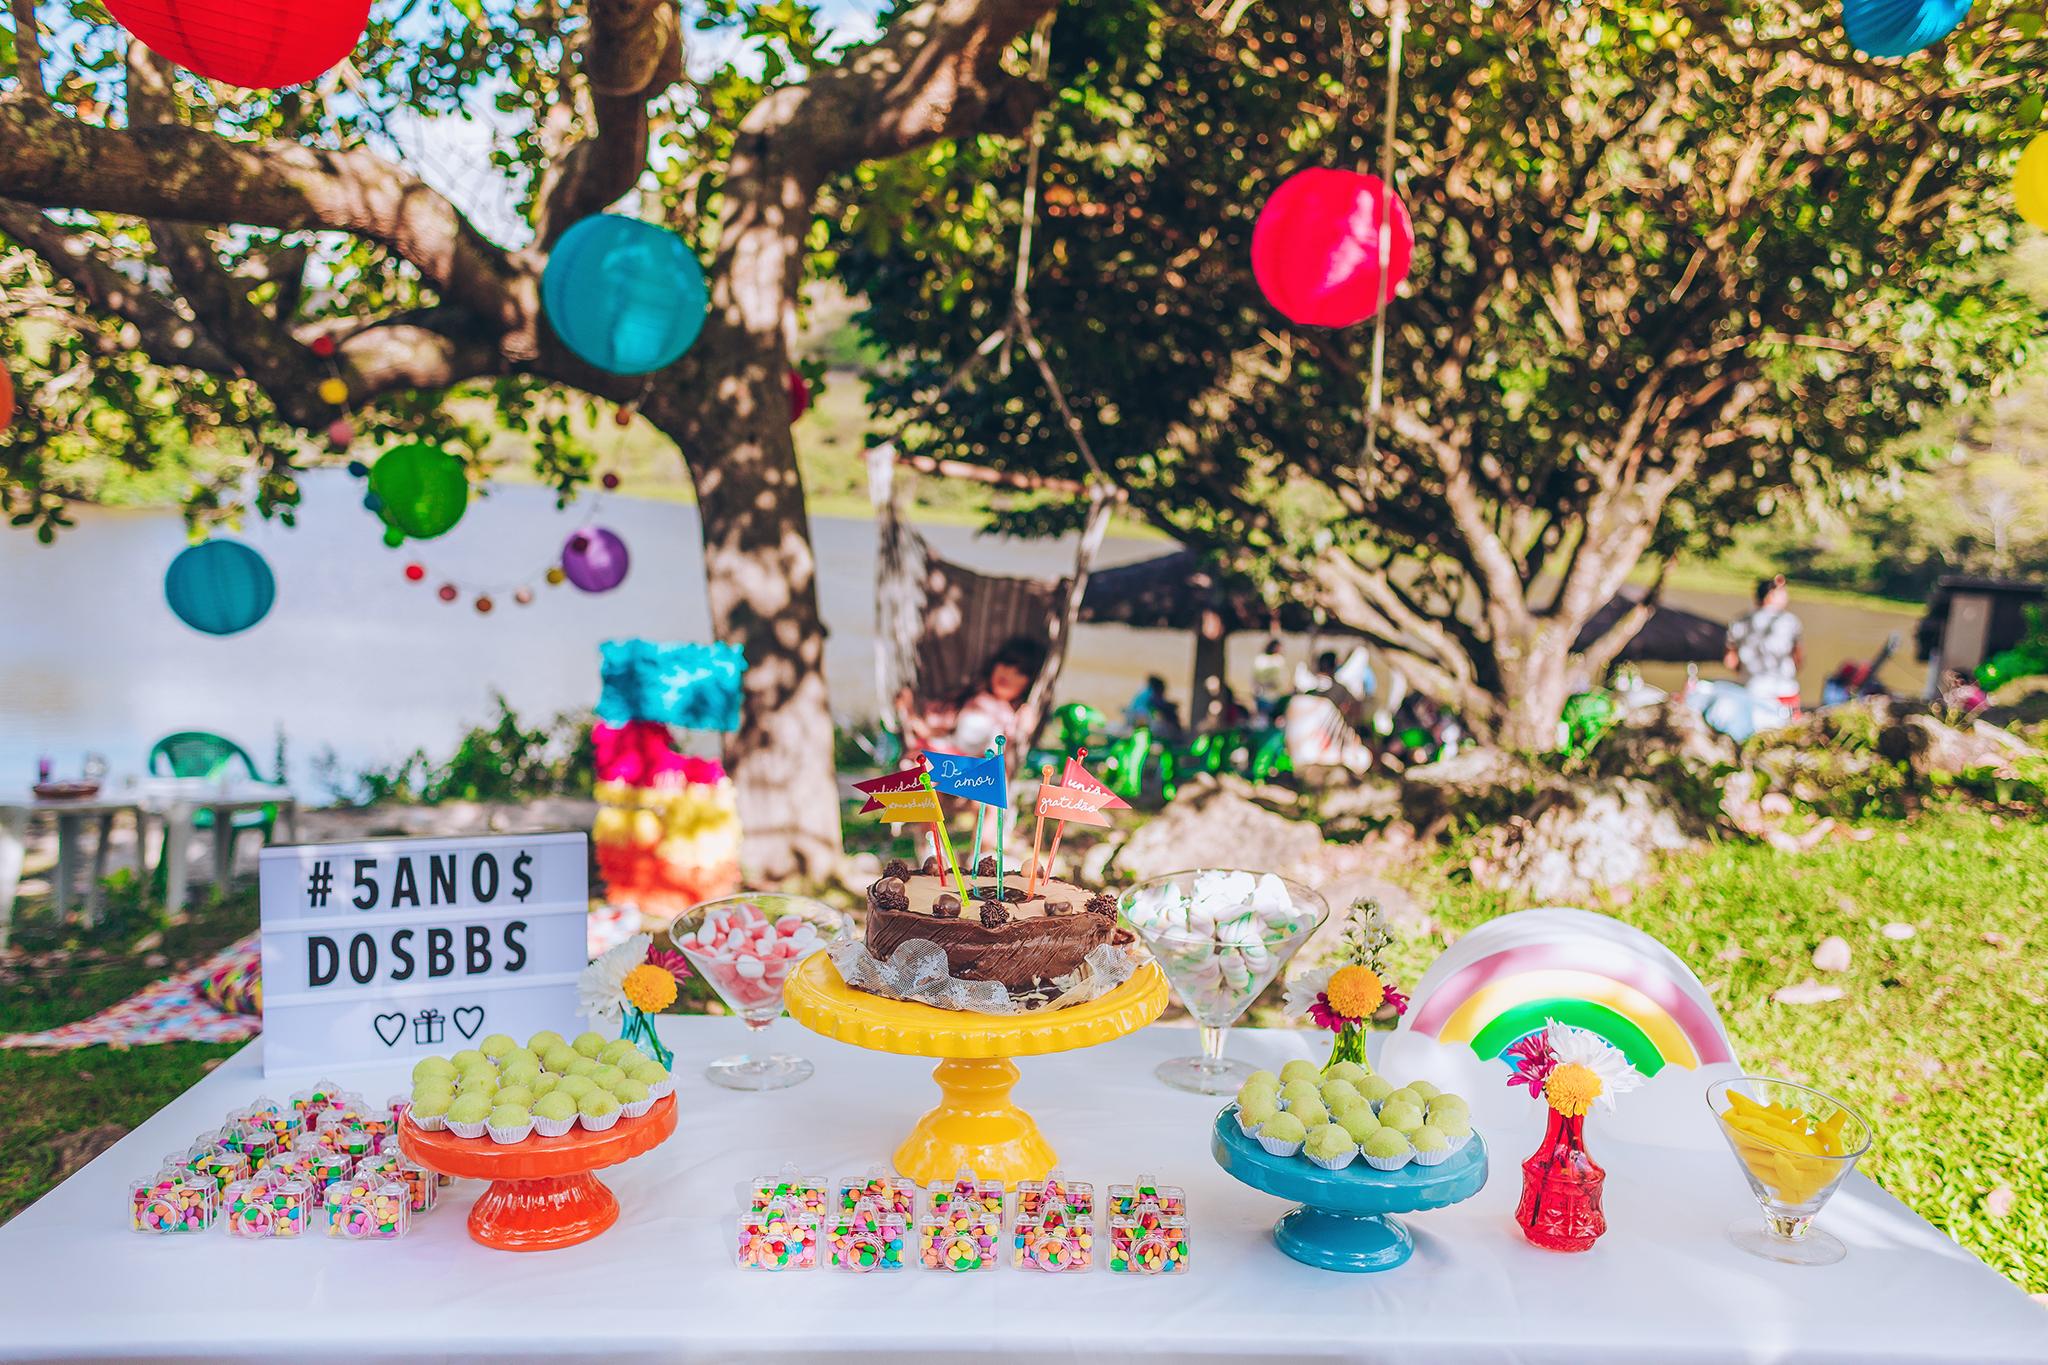 festa colorida ao ar livre